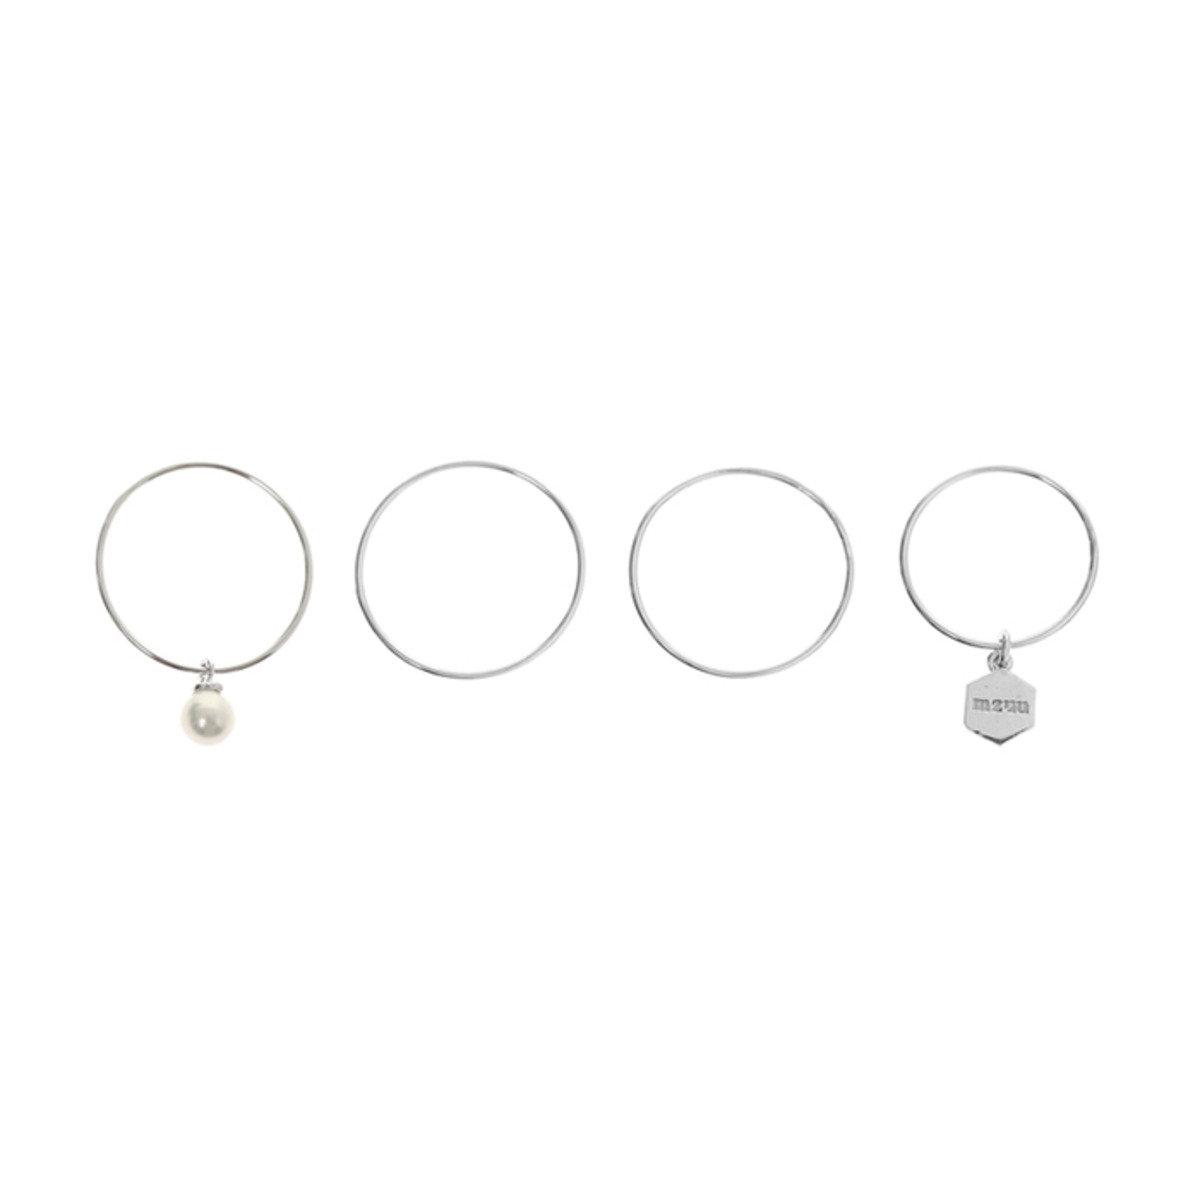 EVERY-RING 仿珍珠925銀組合戒指